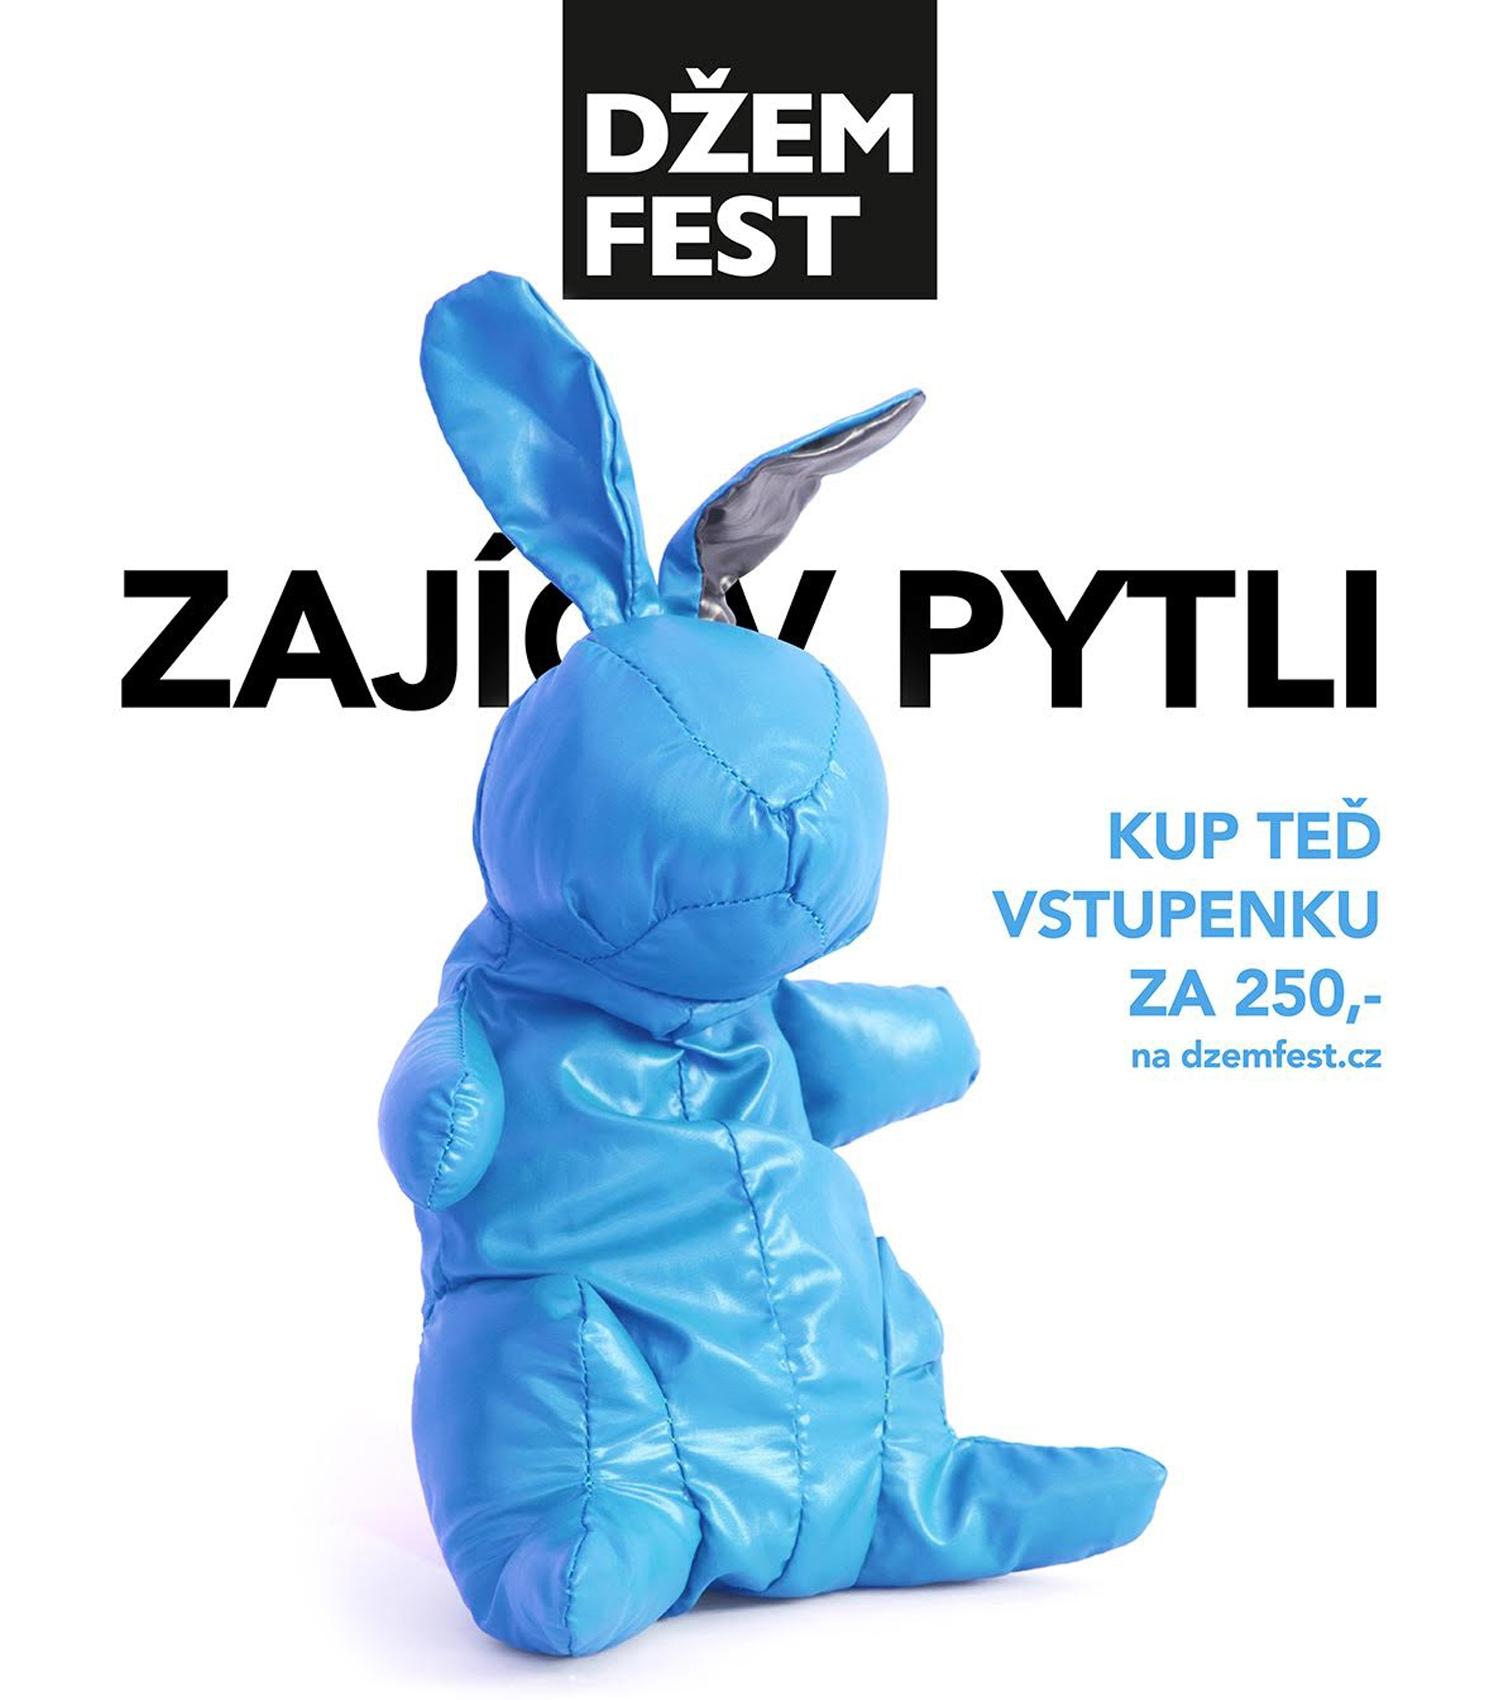 Džemfest 2017 - pozvánka